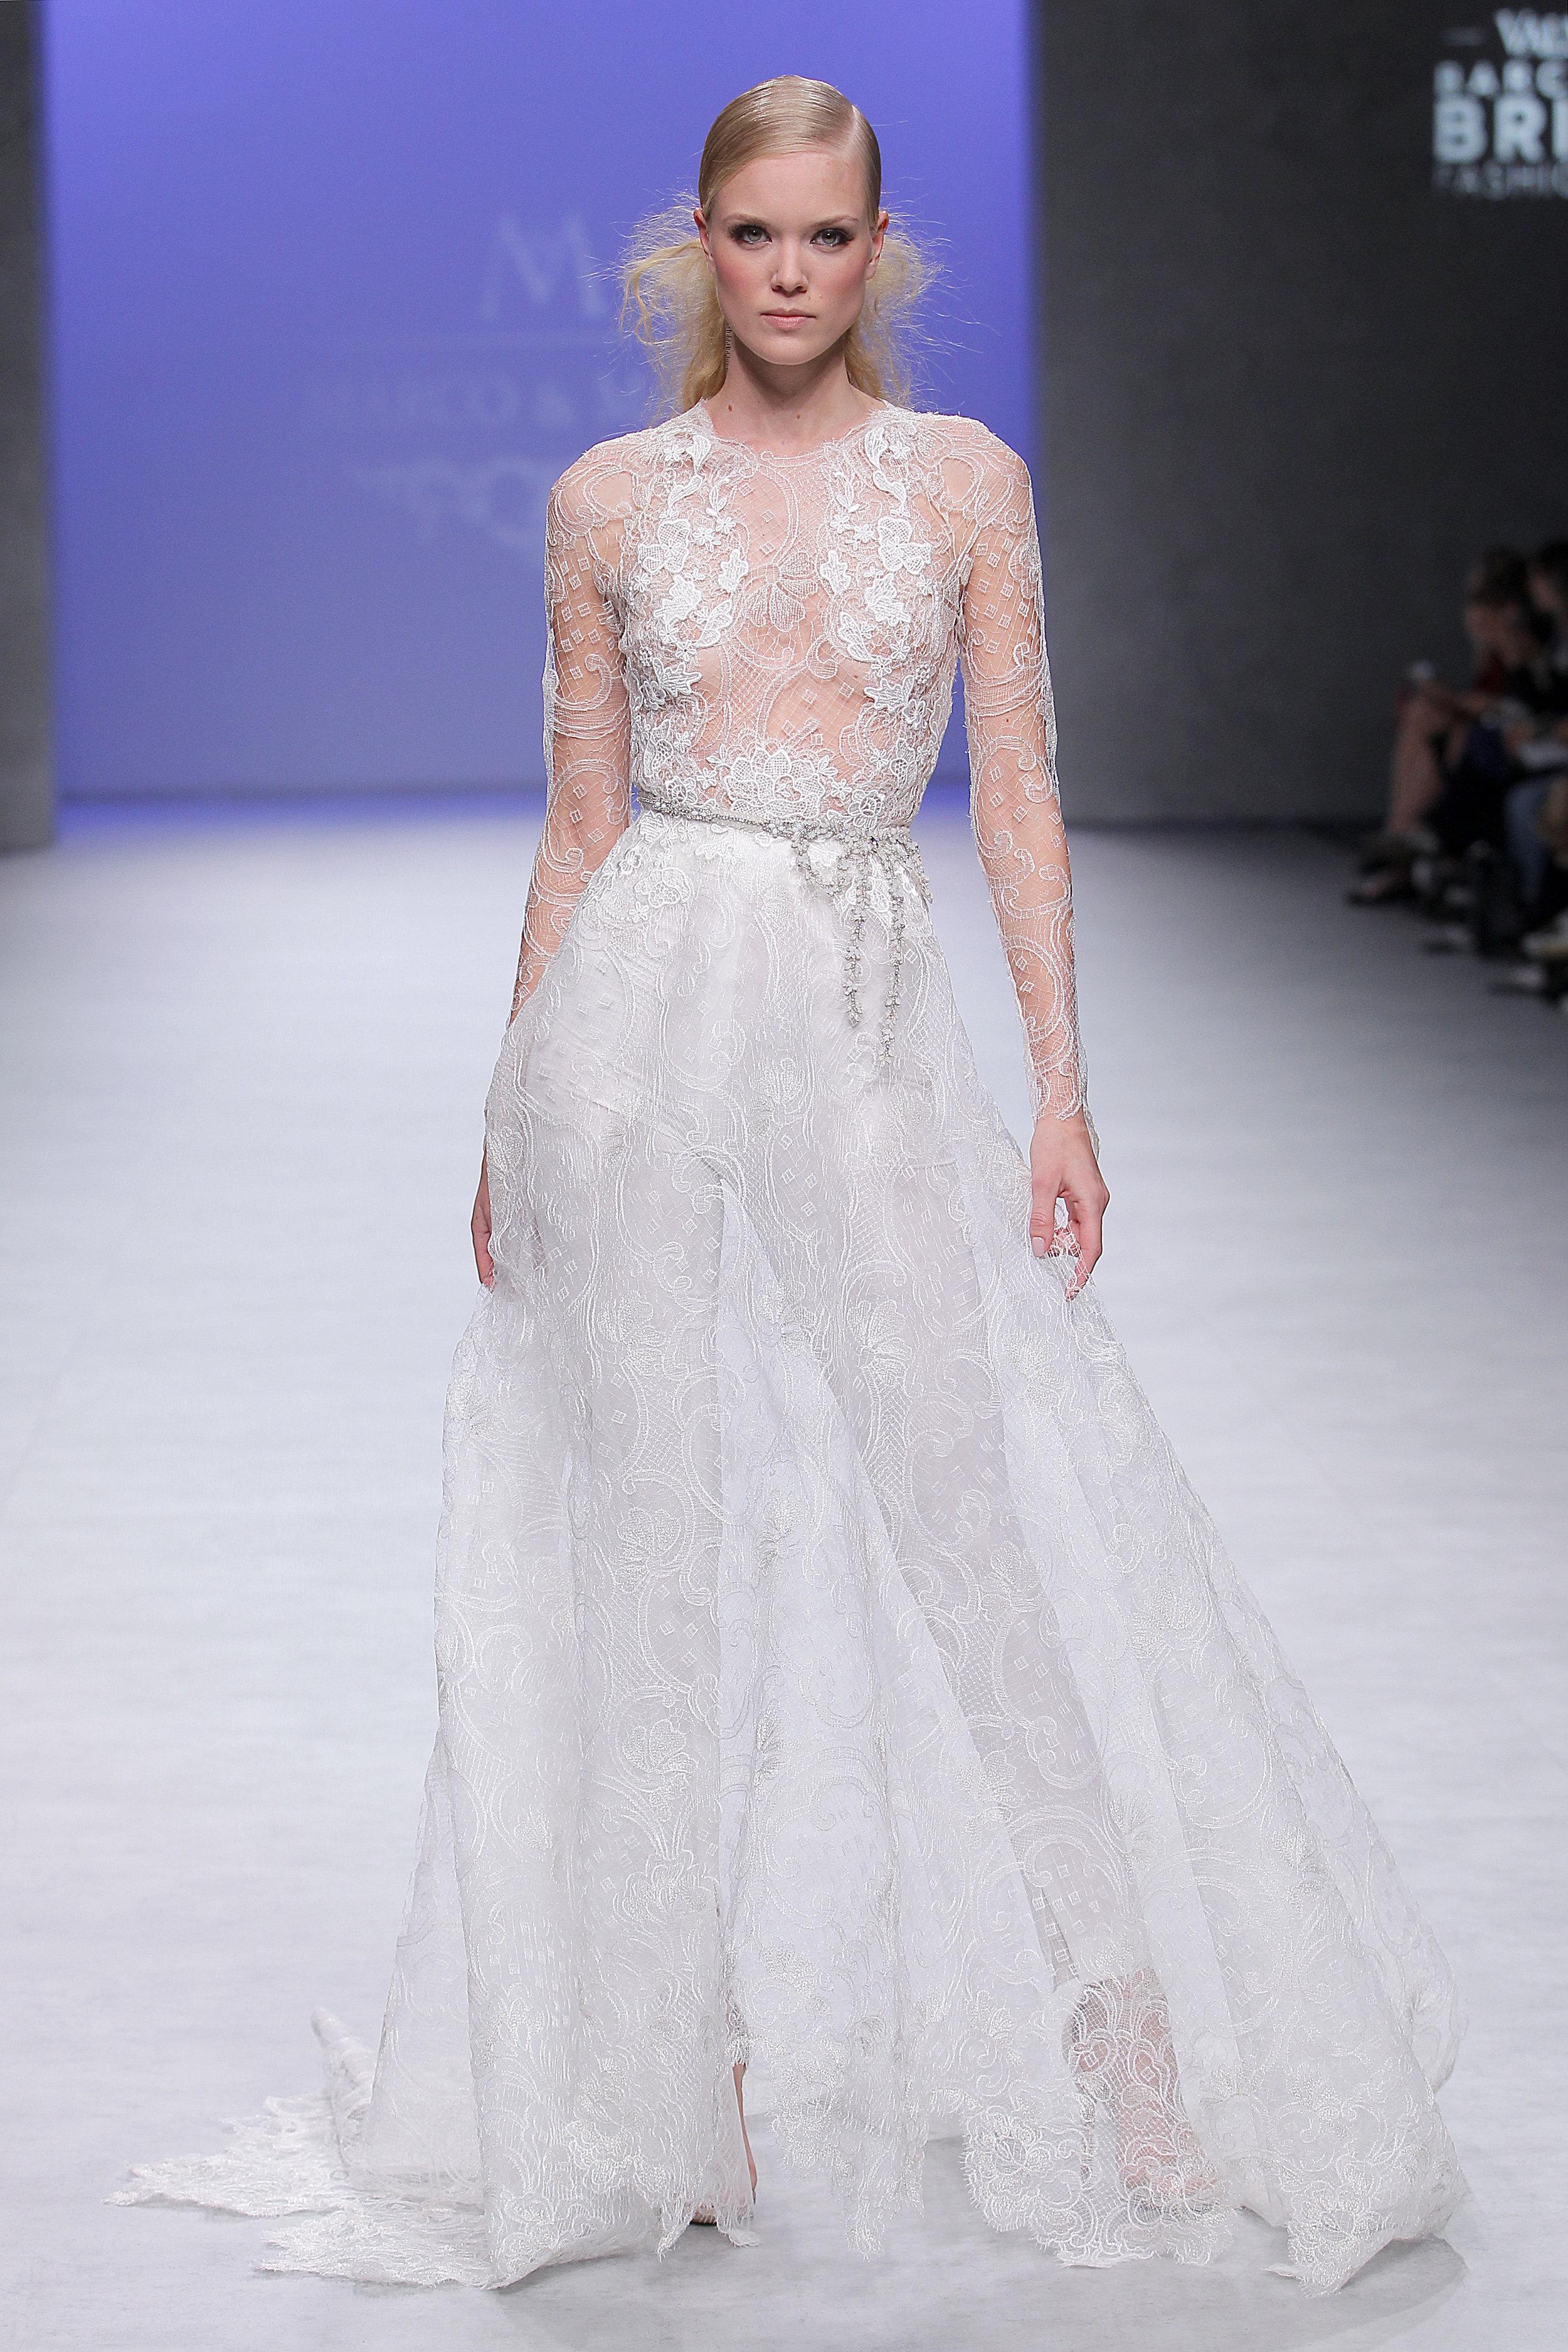 Diseñador: Marco & María - Pasarela:   Valmont Barcelona Bridal Fashion Week